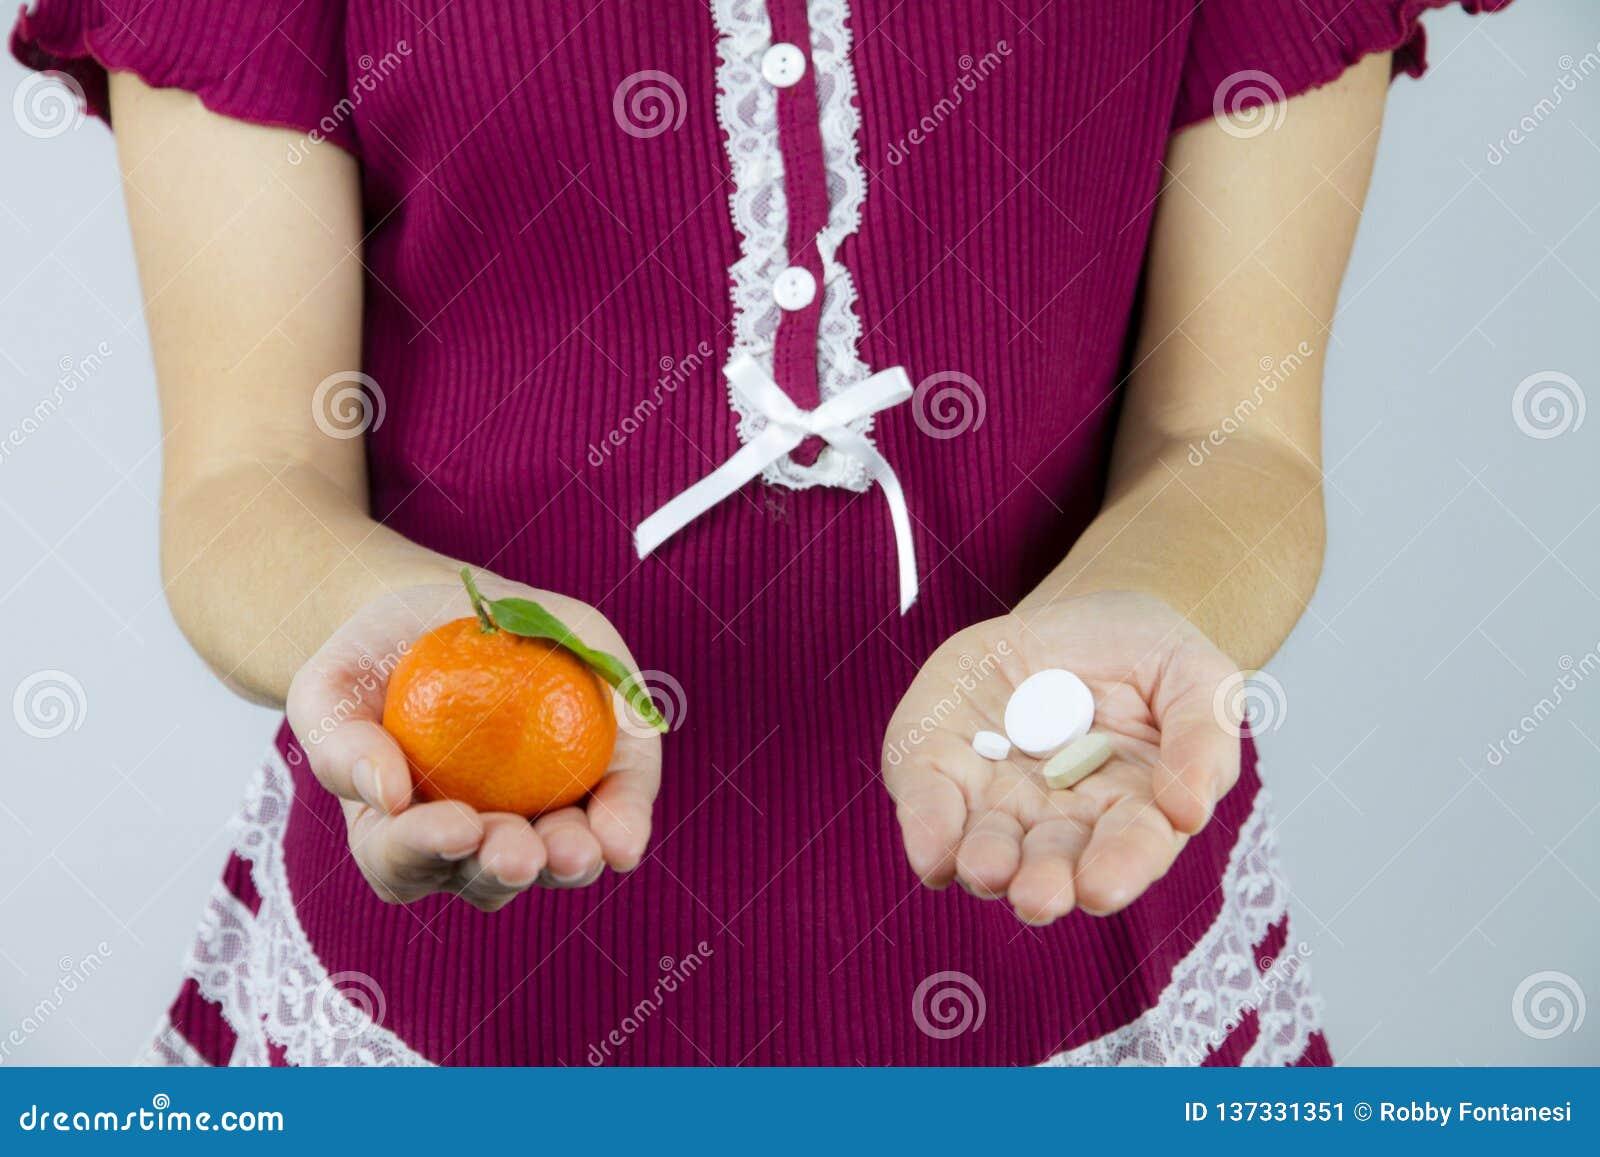 Vitamine von den Früchten oder von der Medizin? Eine junge Frau in Burgunder-Pyjamas zeigt eine Mandarine in ihrer rechten Hand u